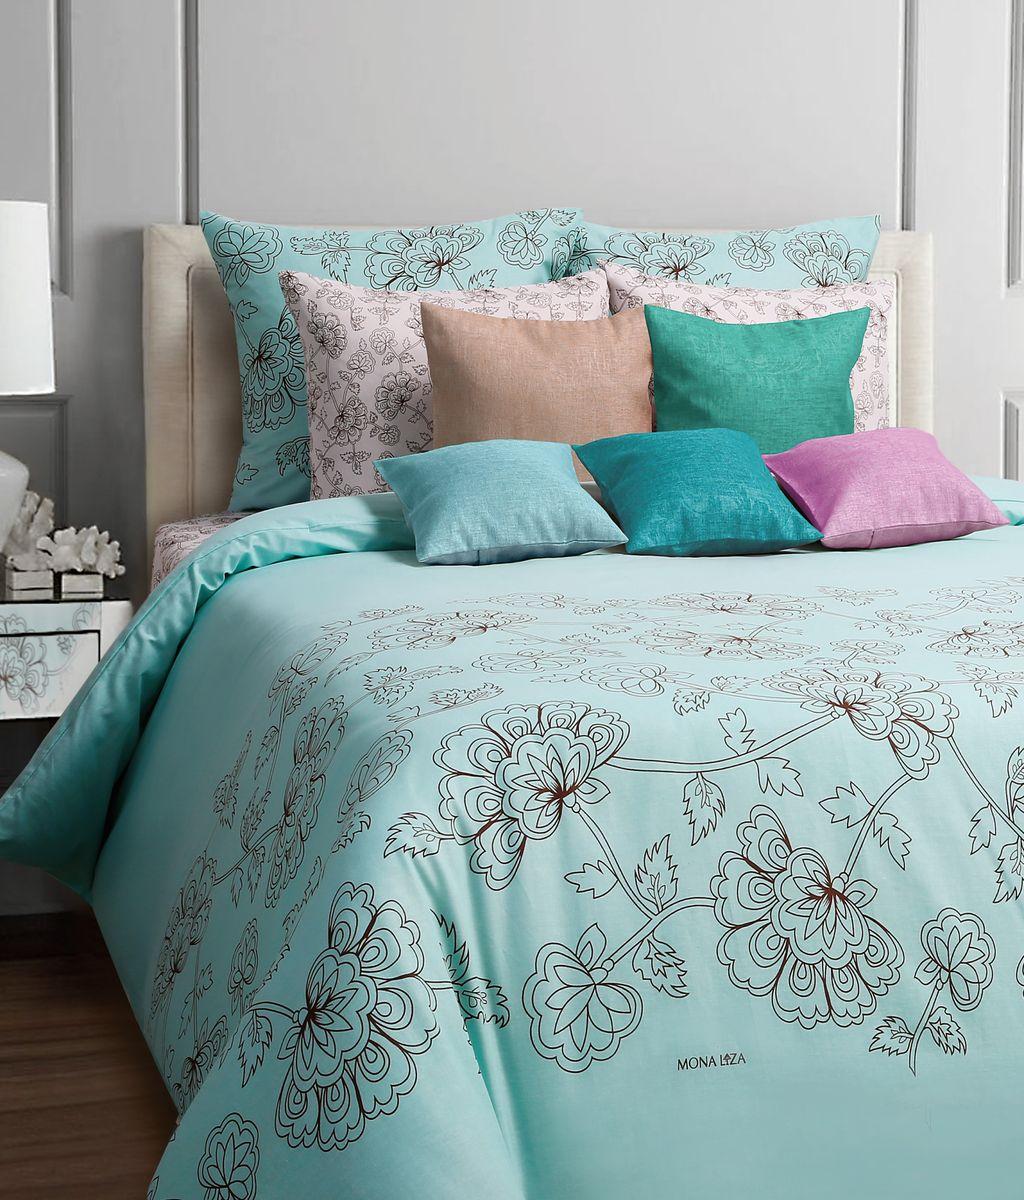 Комплект белья Mona Liza Soho, 2-спальное, наволочки 70x70, цвет: бирюзовый552203/661Коллекция постельного белья MONA LIZA Classic поражает многообразием дизайнов. Среди них легко подобрать необходимый рисунок, который создаст в доме уют. Комплекты выполнены из бязи 100 % хлопка.